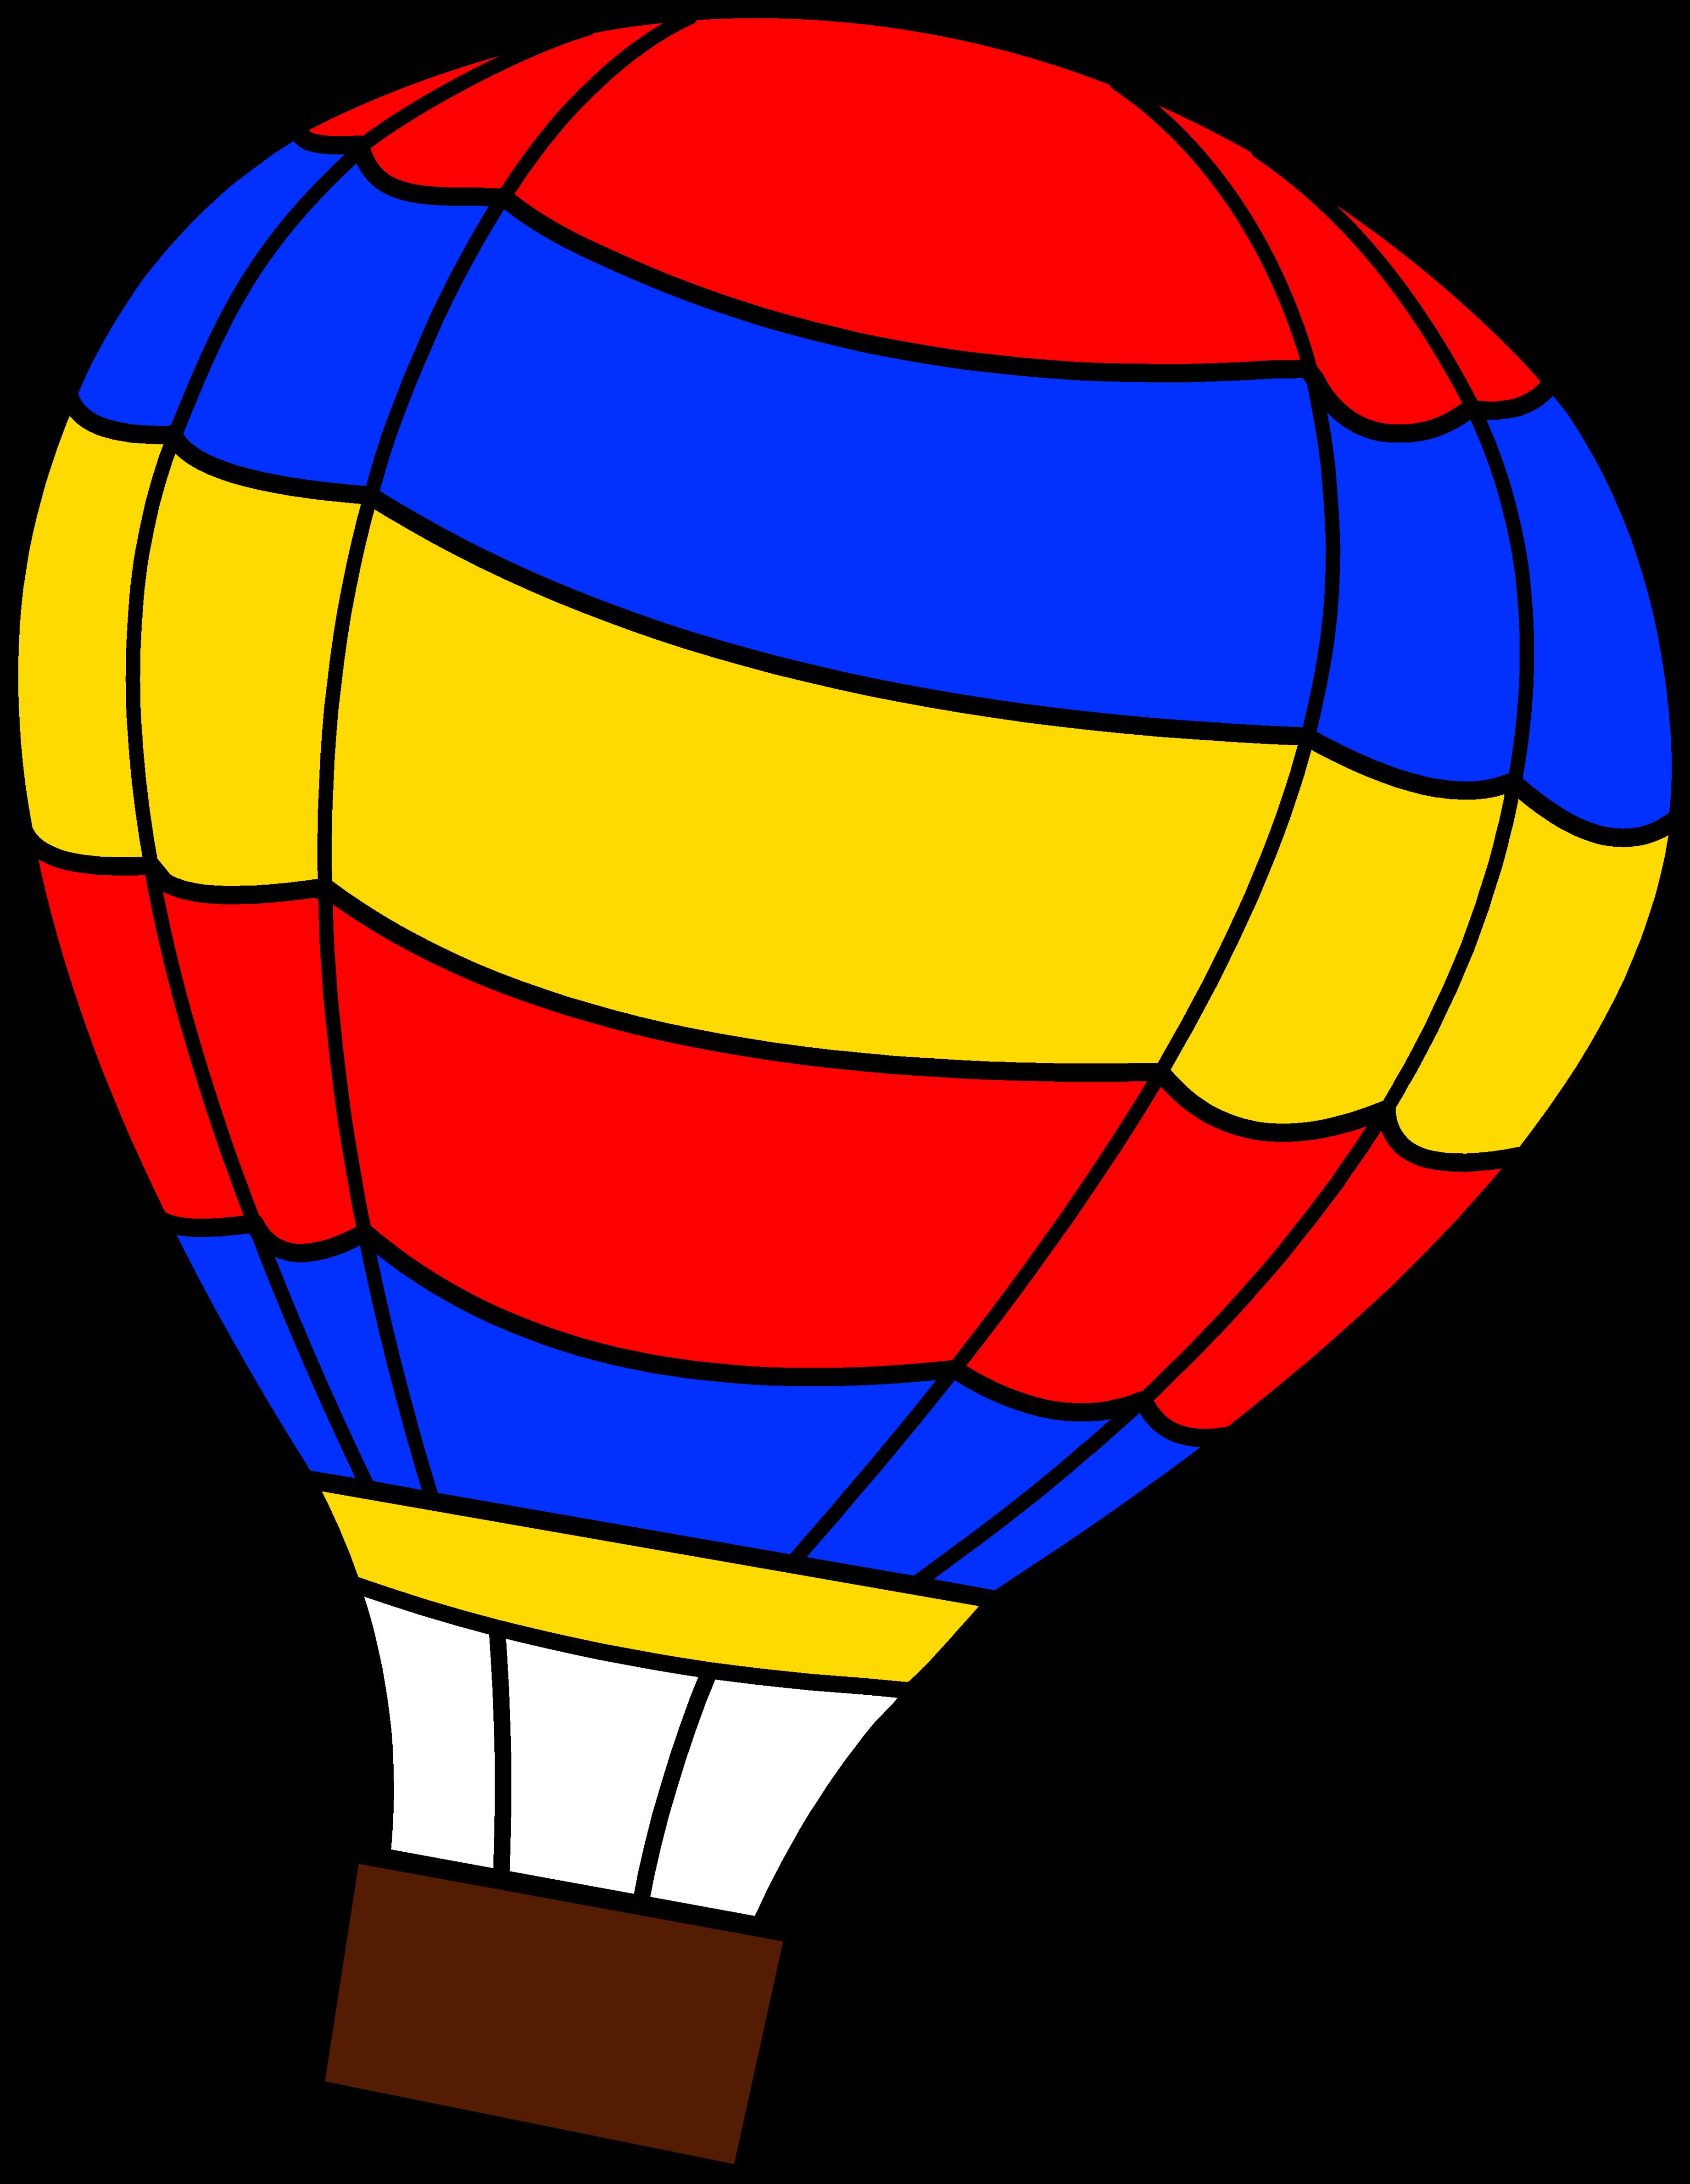 Air clip art.